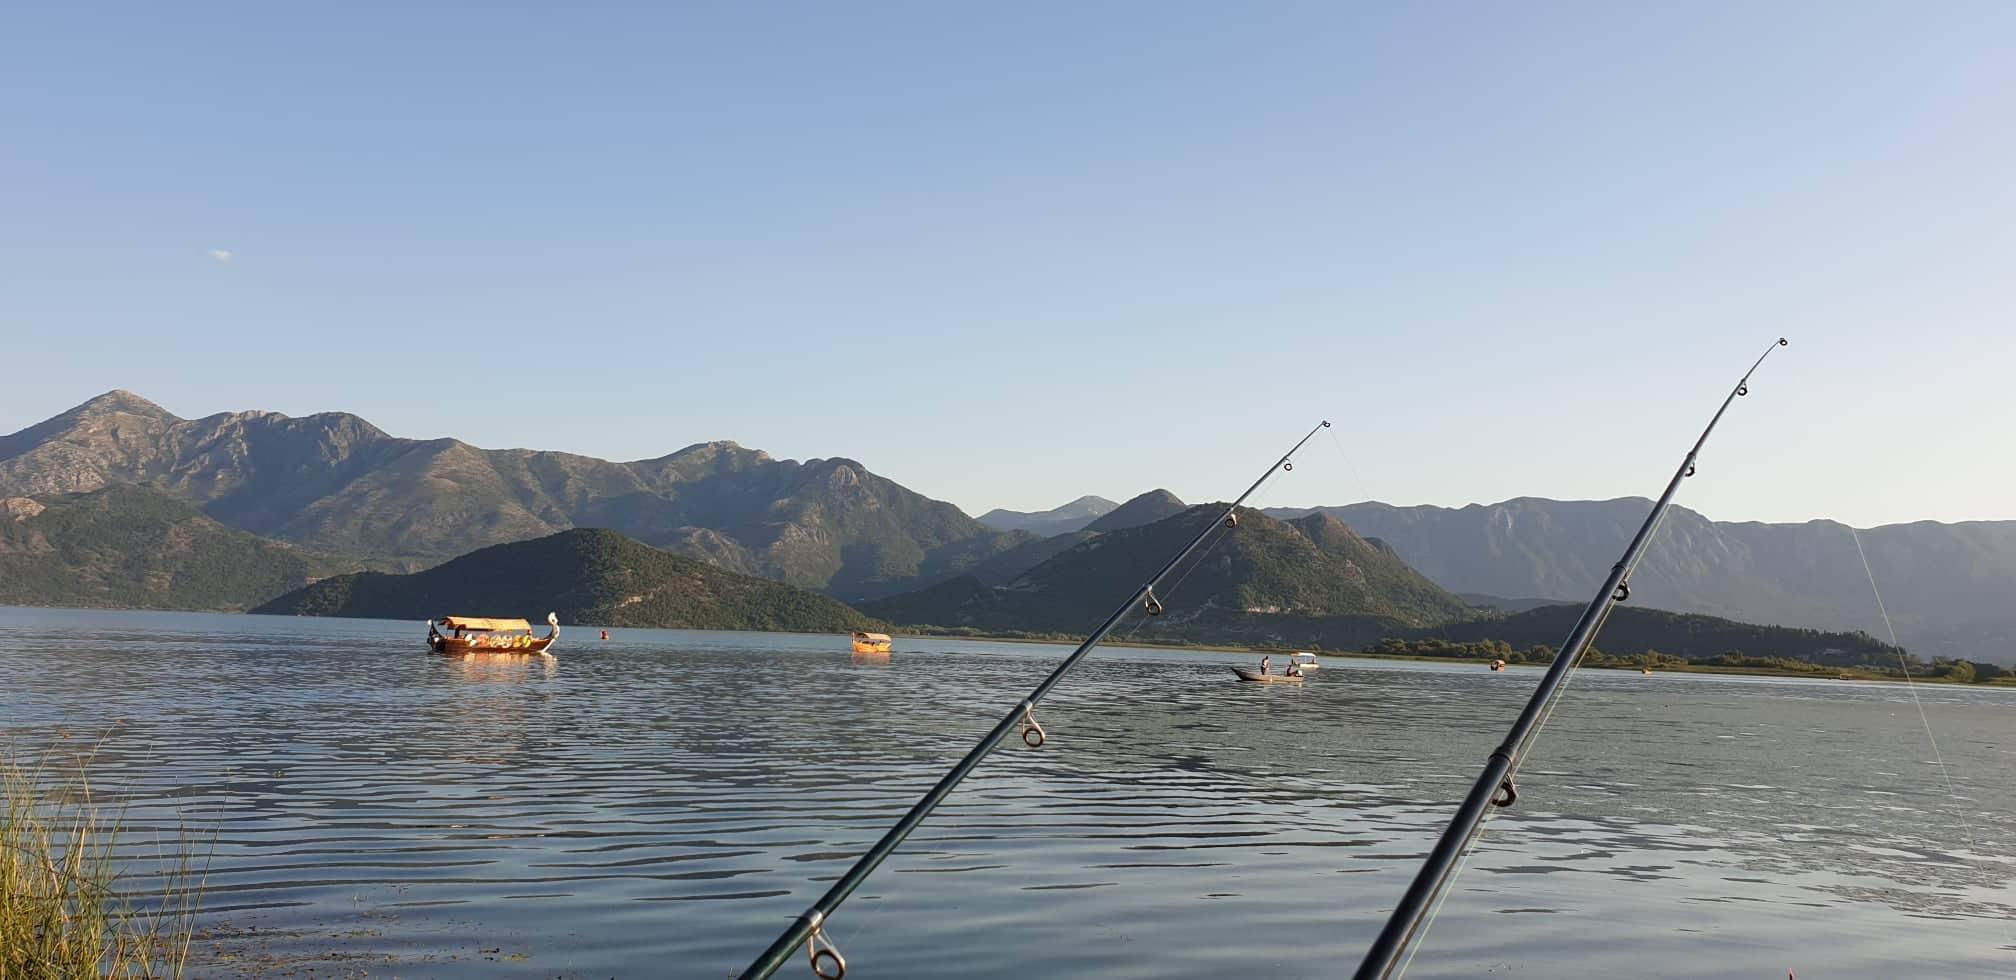 Ukida se ribolovni zabran na Skadarskom jezeru